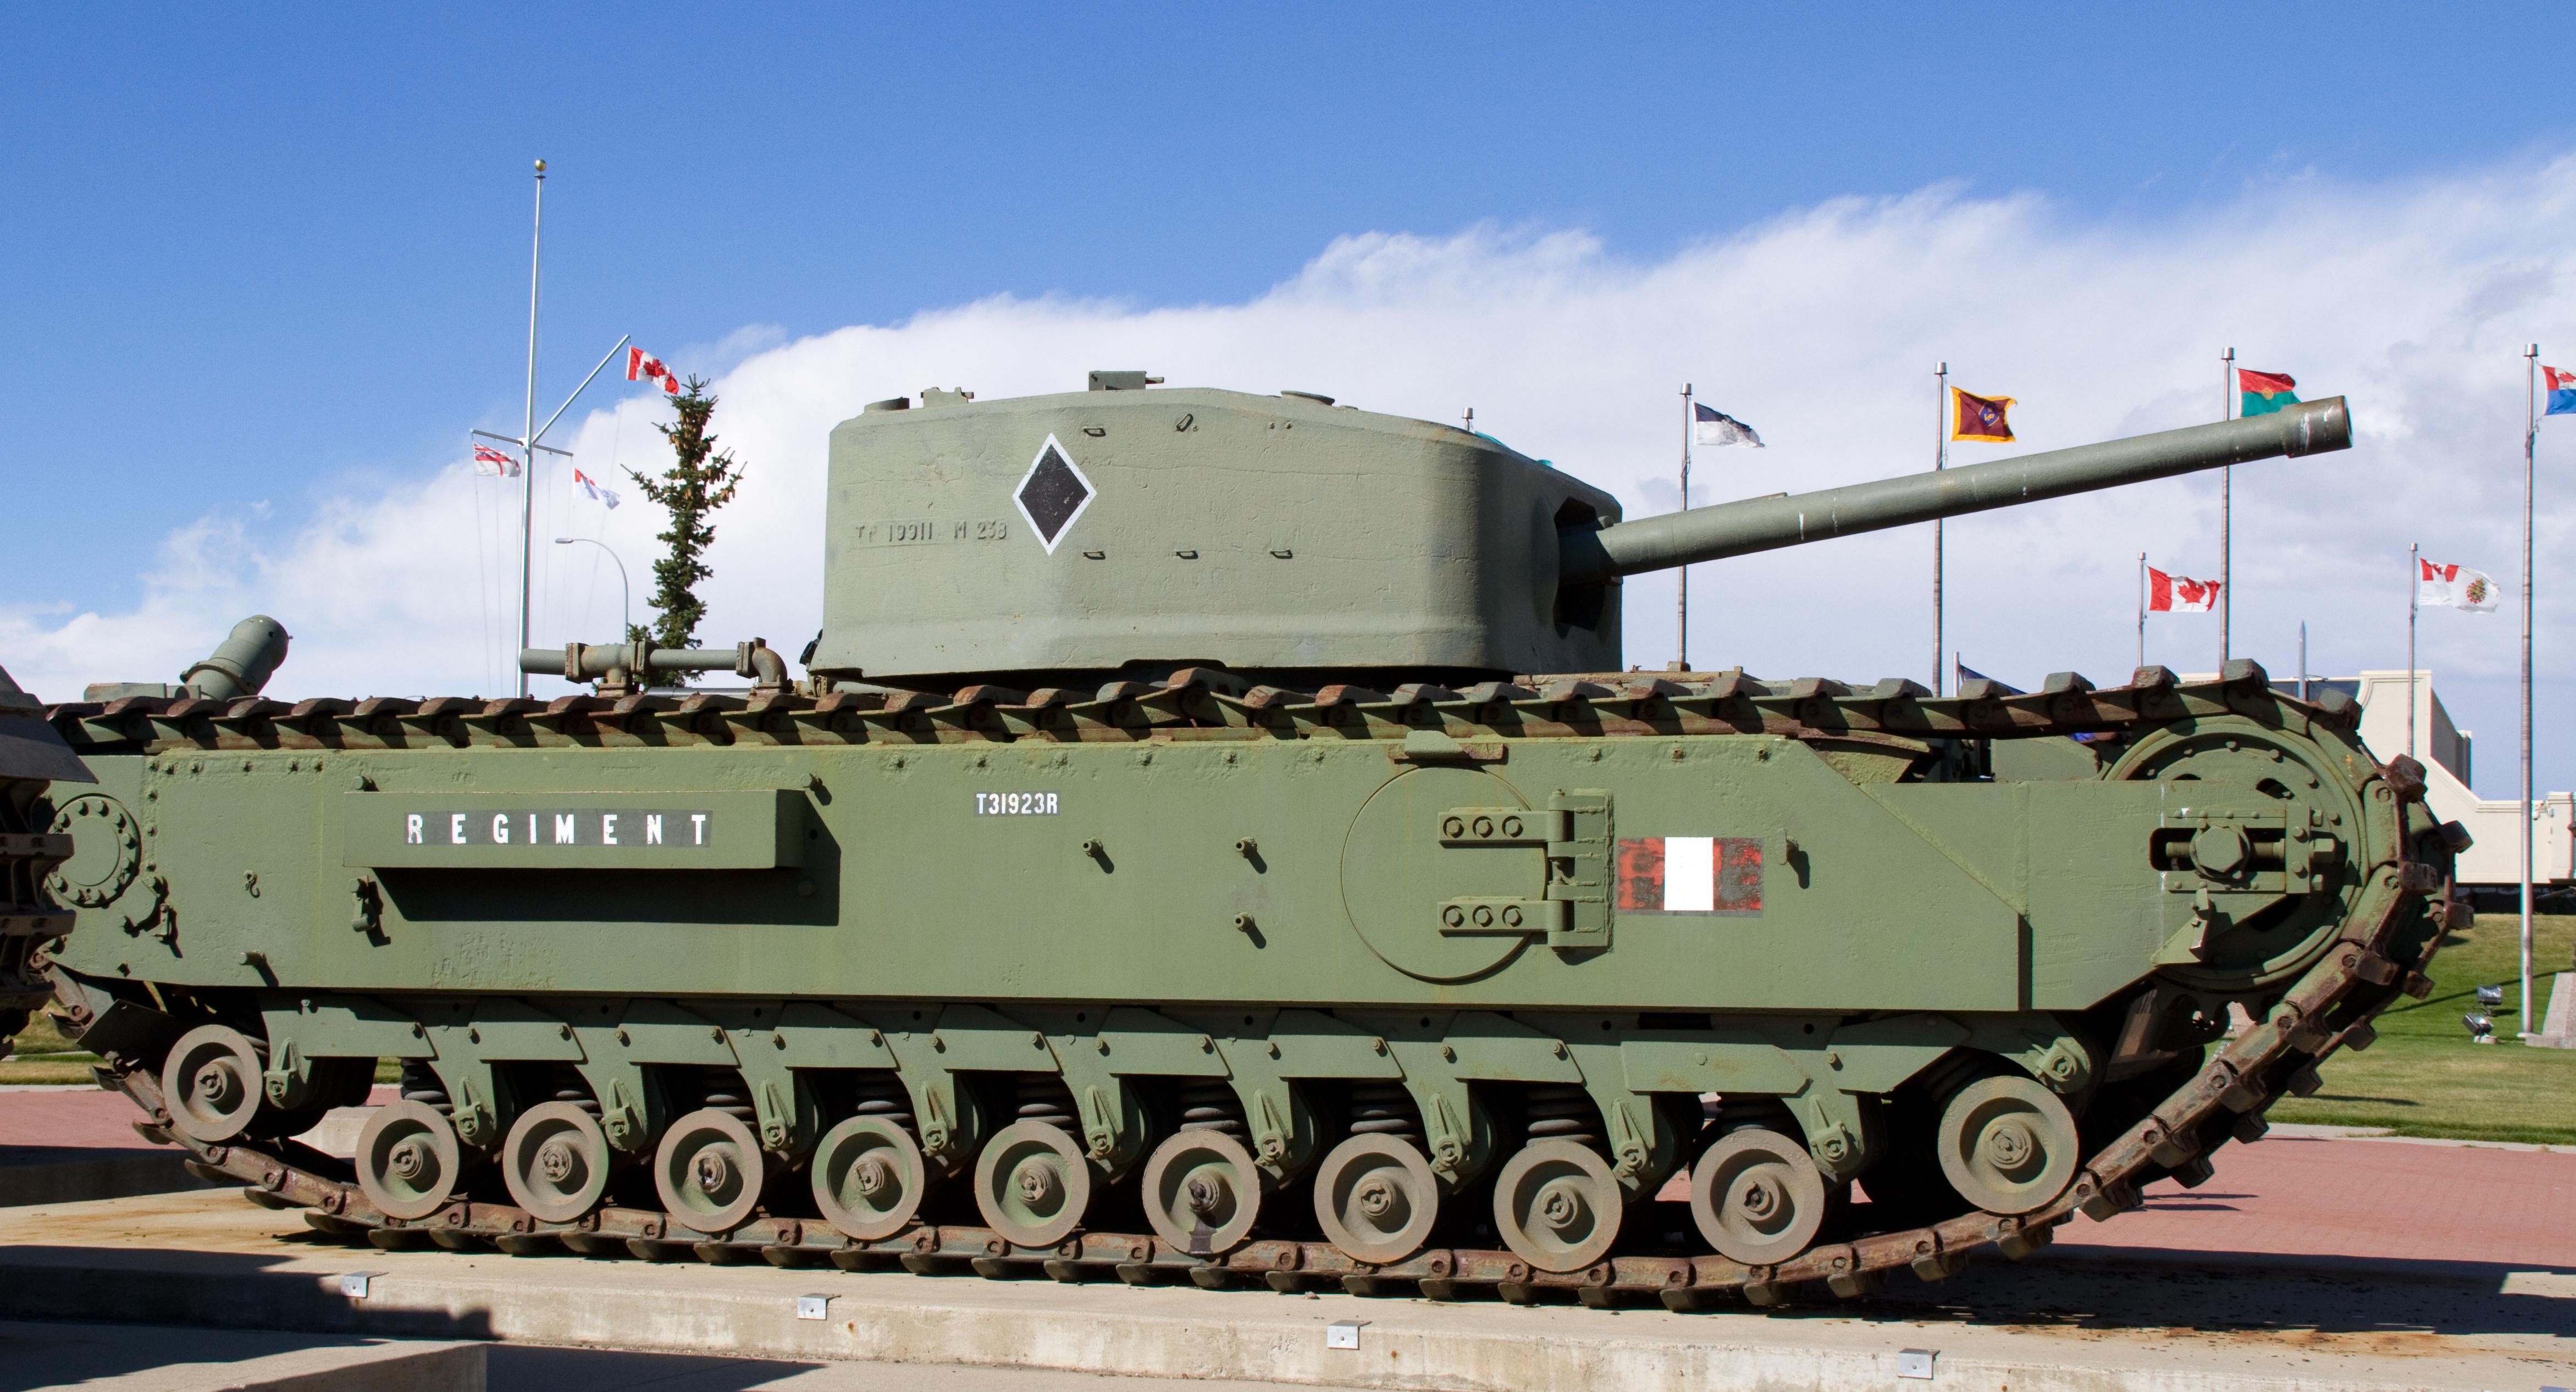 google maps navigation with File Churchill Tank 2  8033545309 on Details additionally Details additionally Watch likewise Curso Per Li Viol Gara Podistica A Chianale also orc.